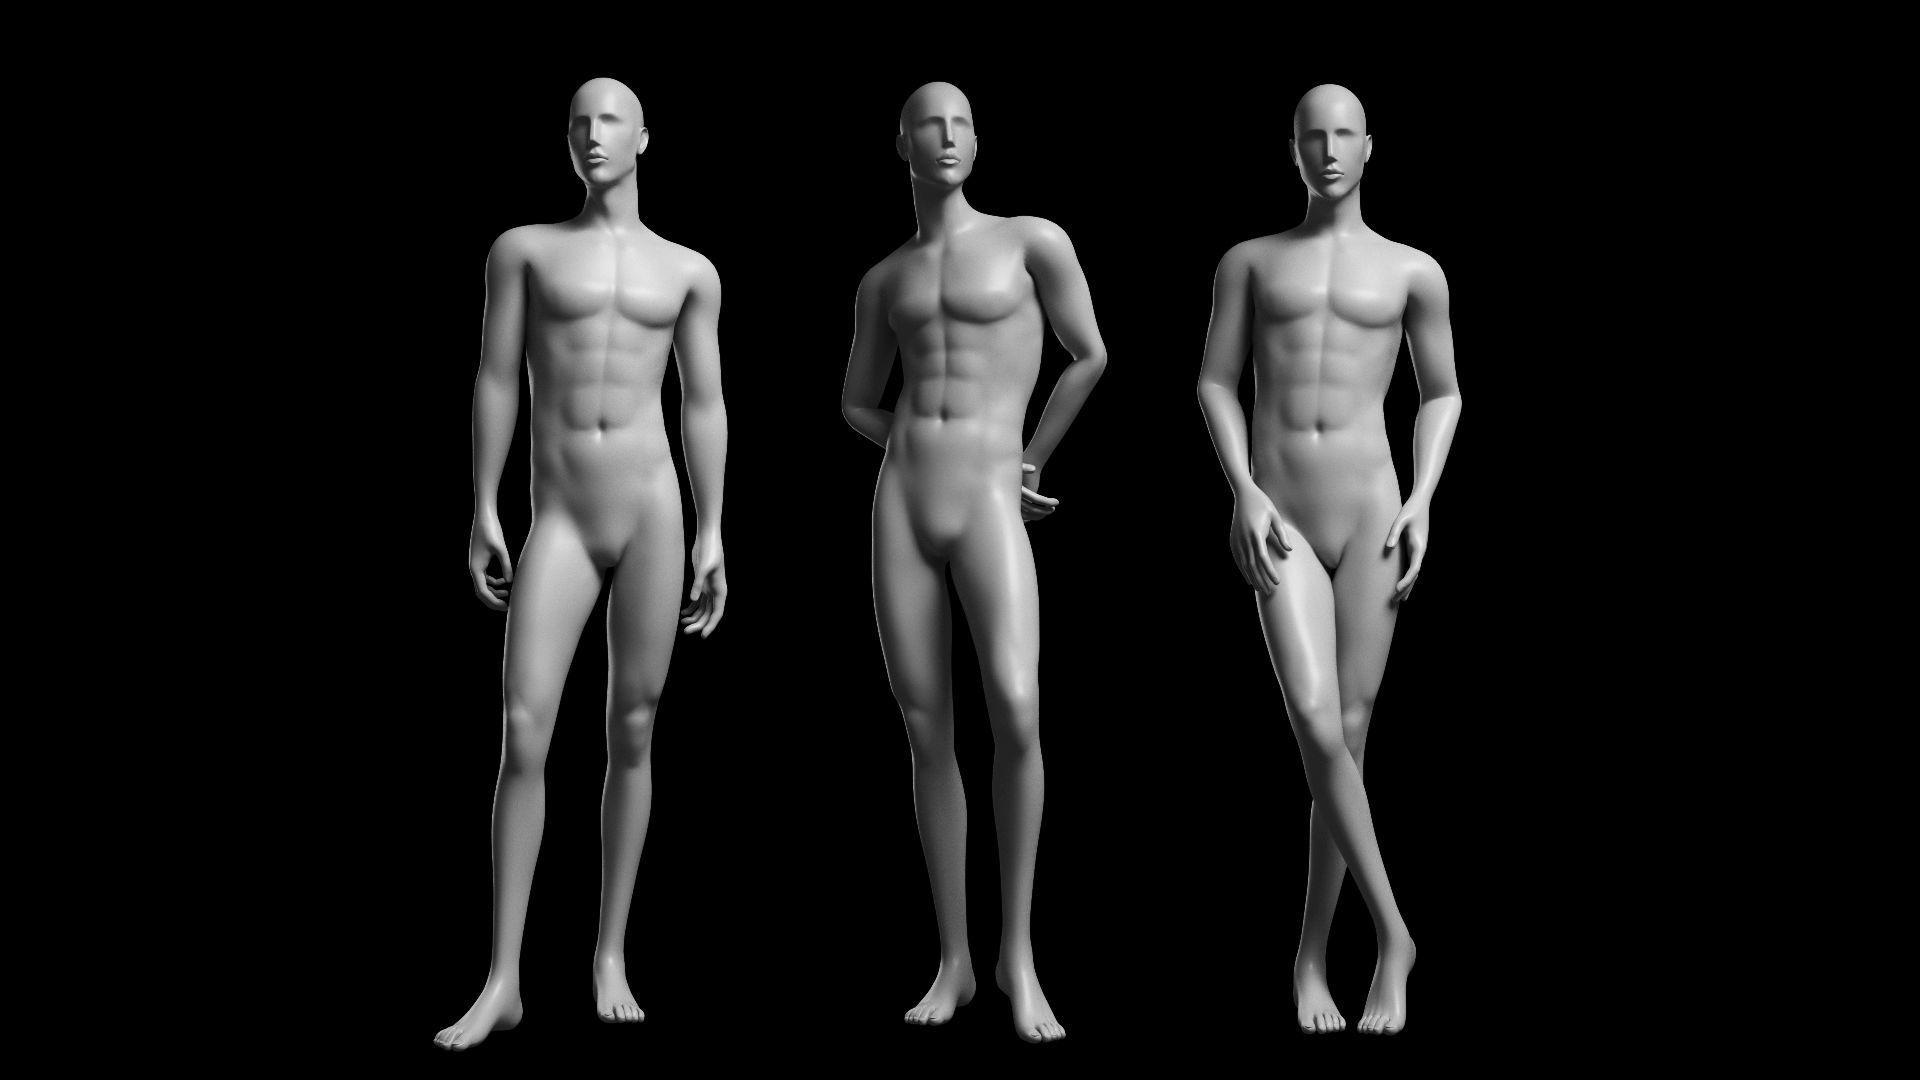 Animated Male Base Mesh v2 - 3 poses